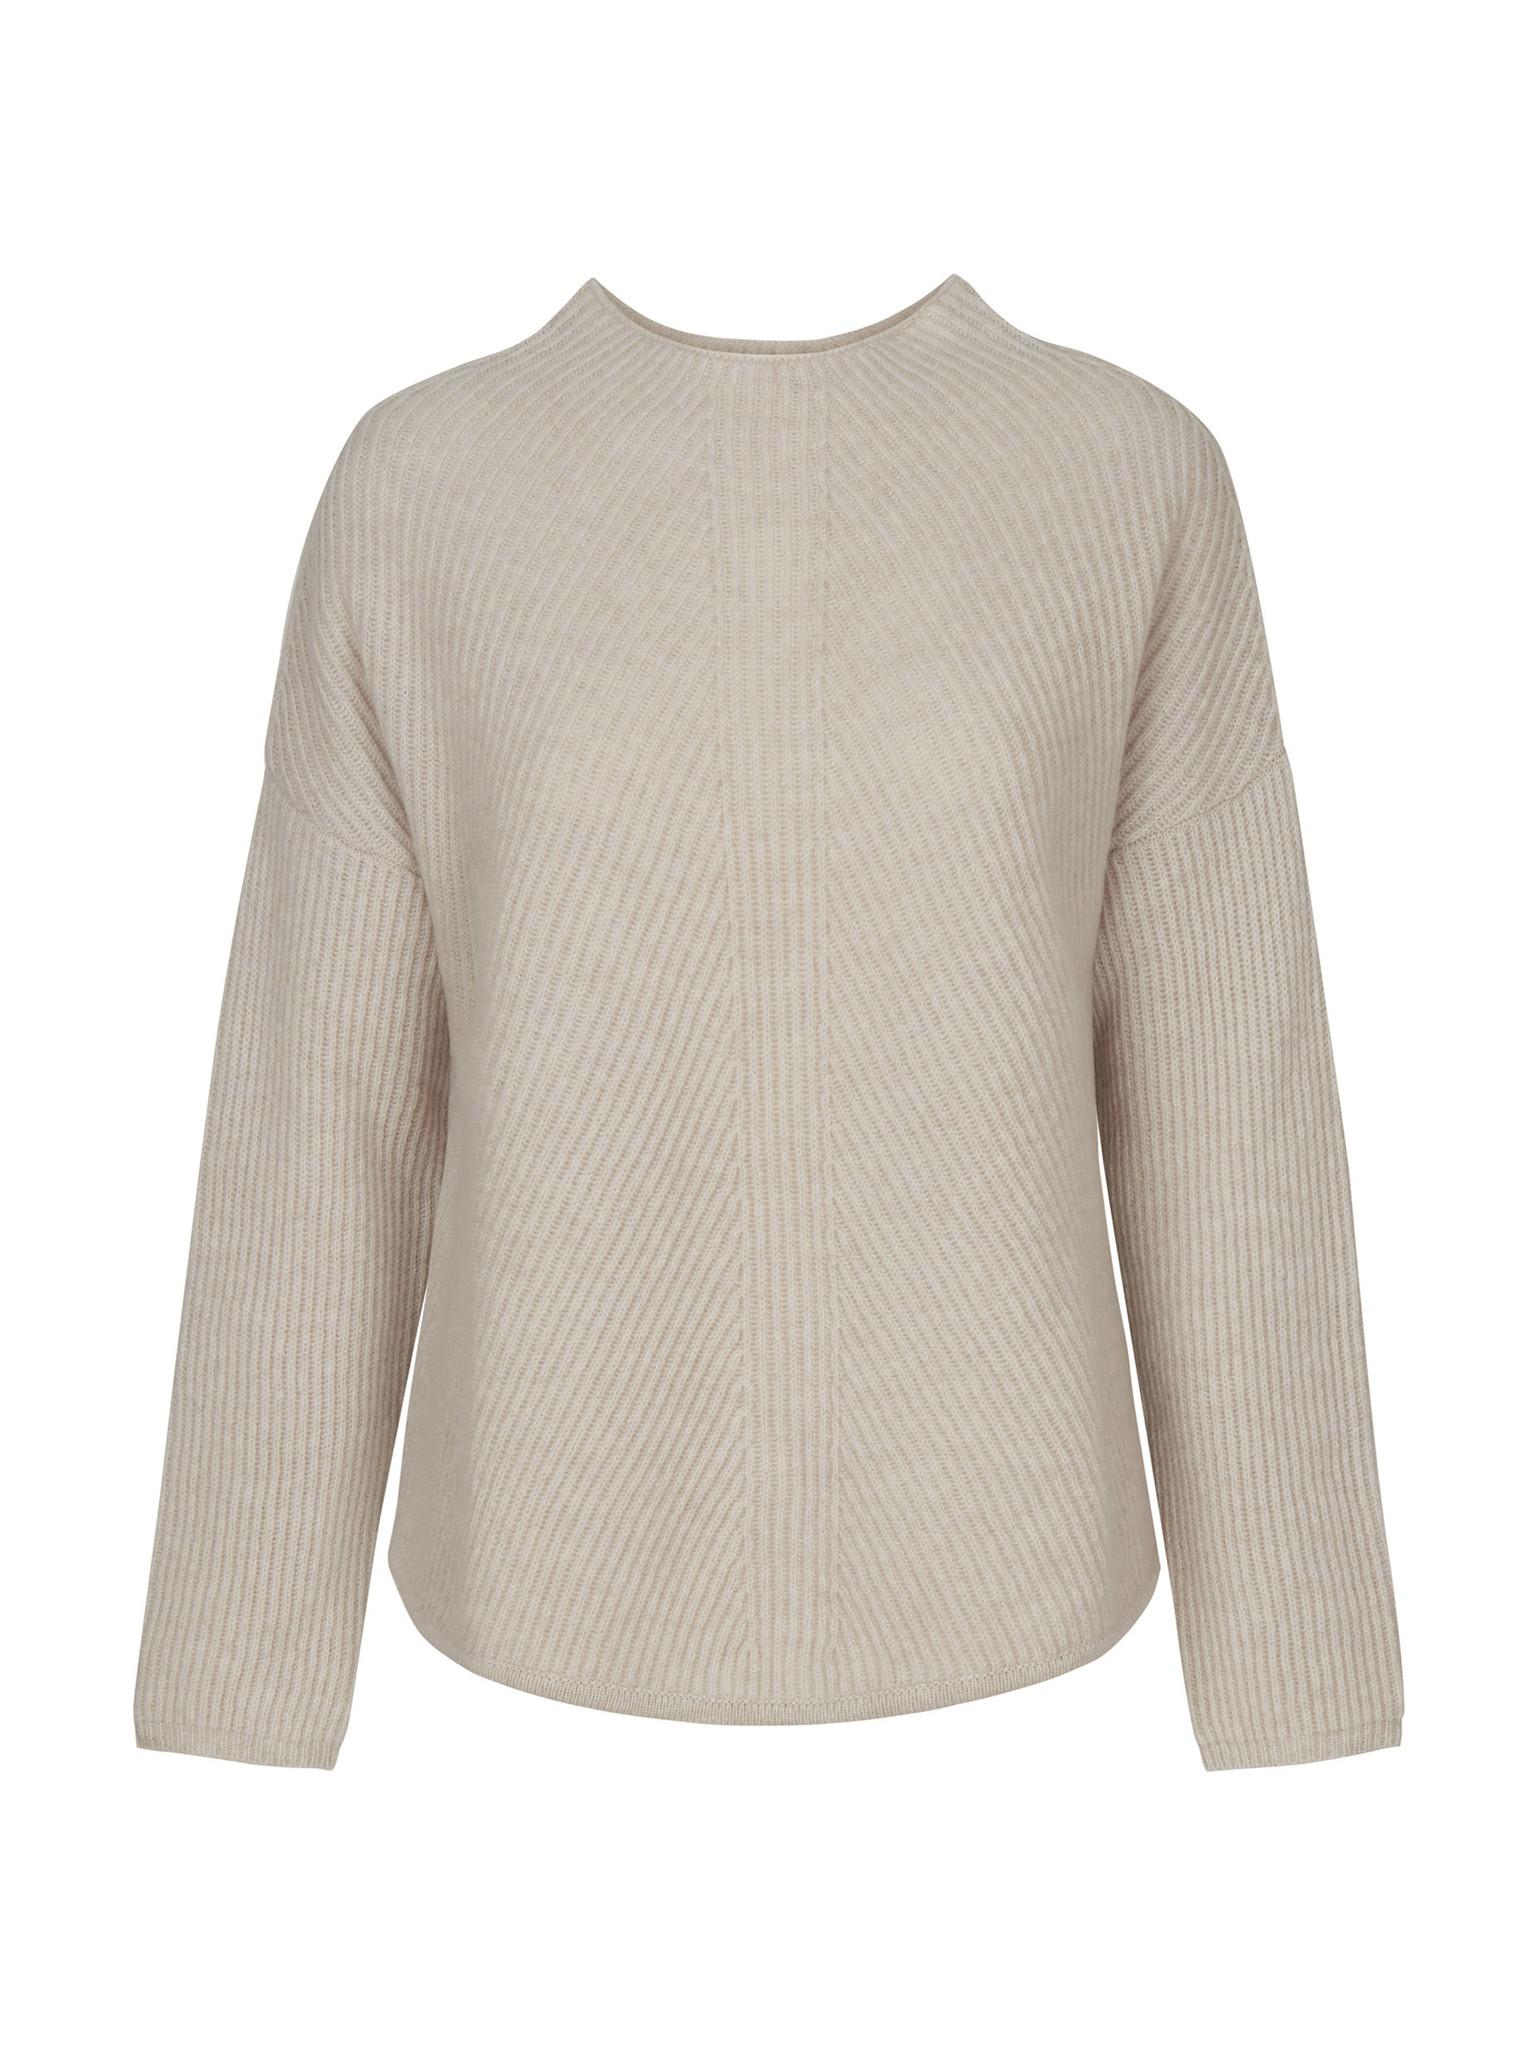 nomansland pullover 56.124 5604-1